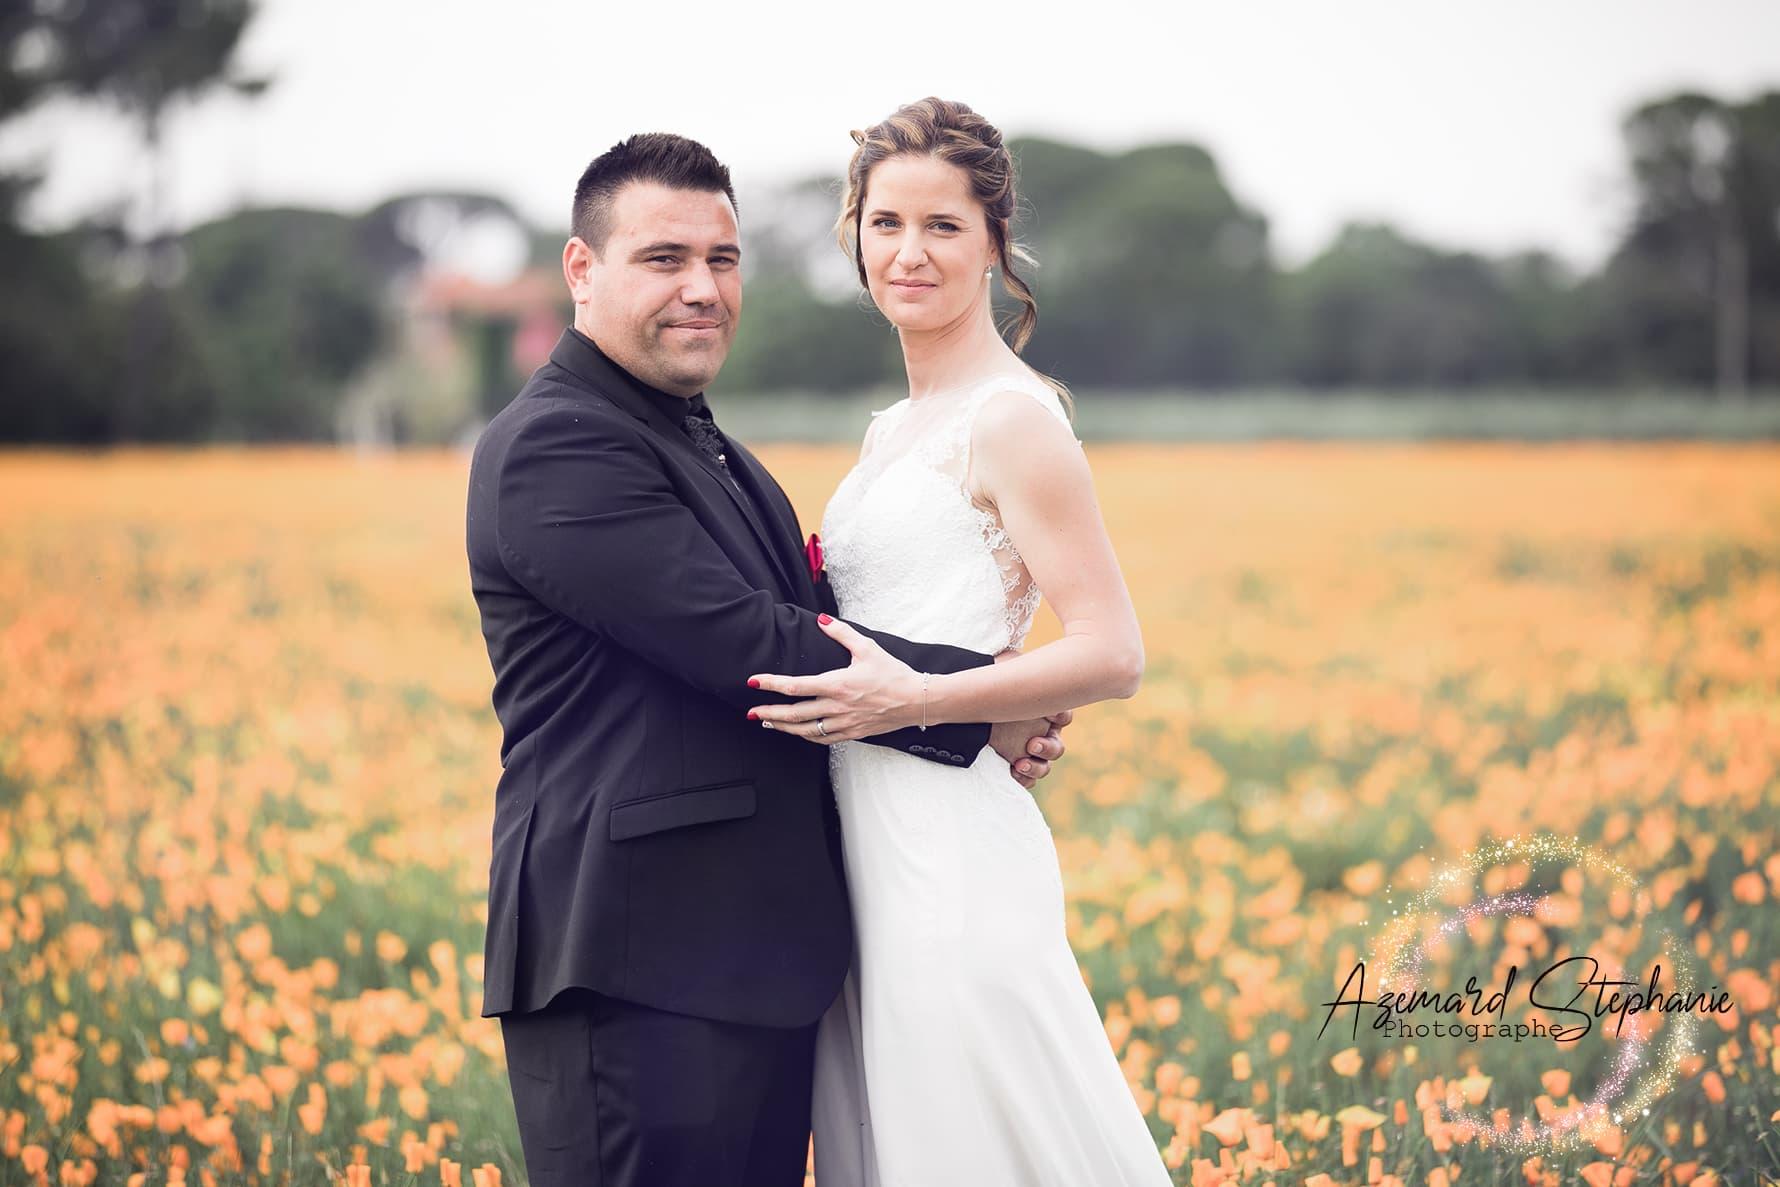 Photo de couple dans un champ de coquelicots à Vauvert thème champêtre. Azemard Stéphanie photographe dans le Gard